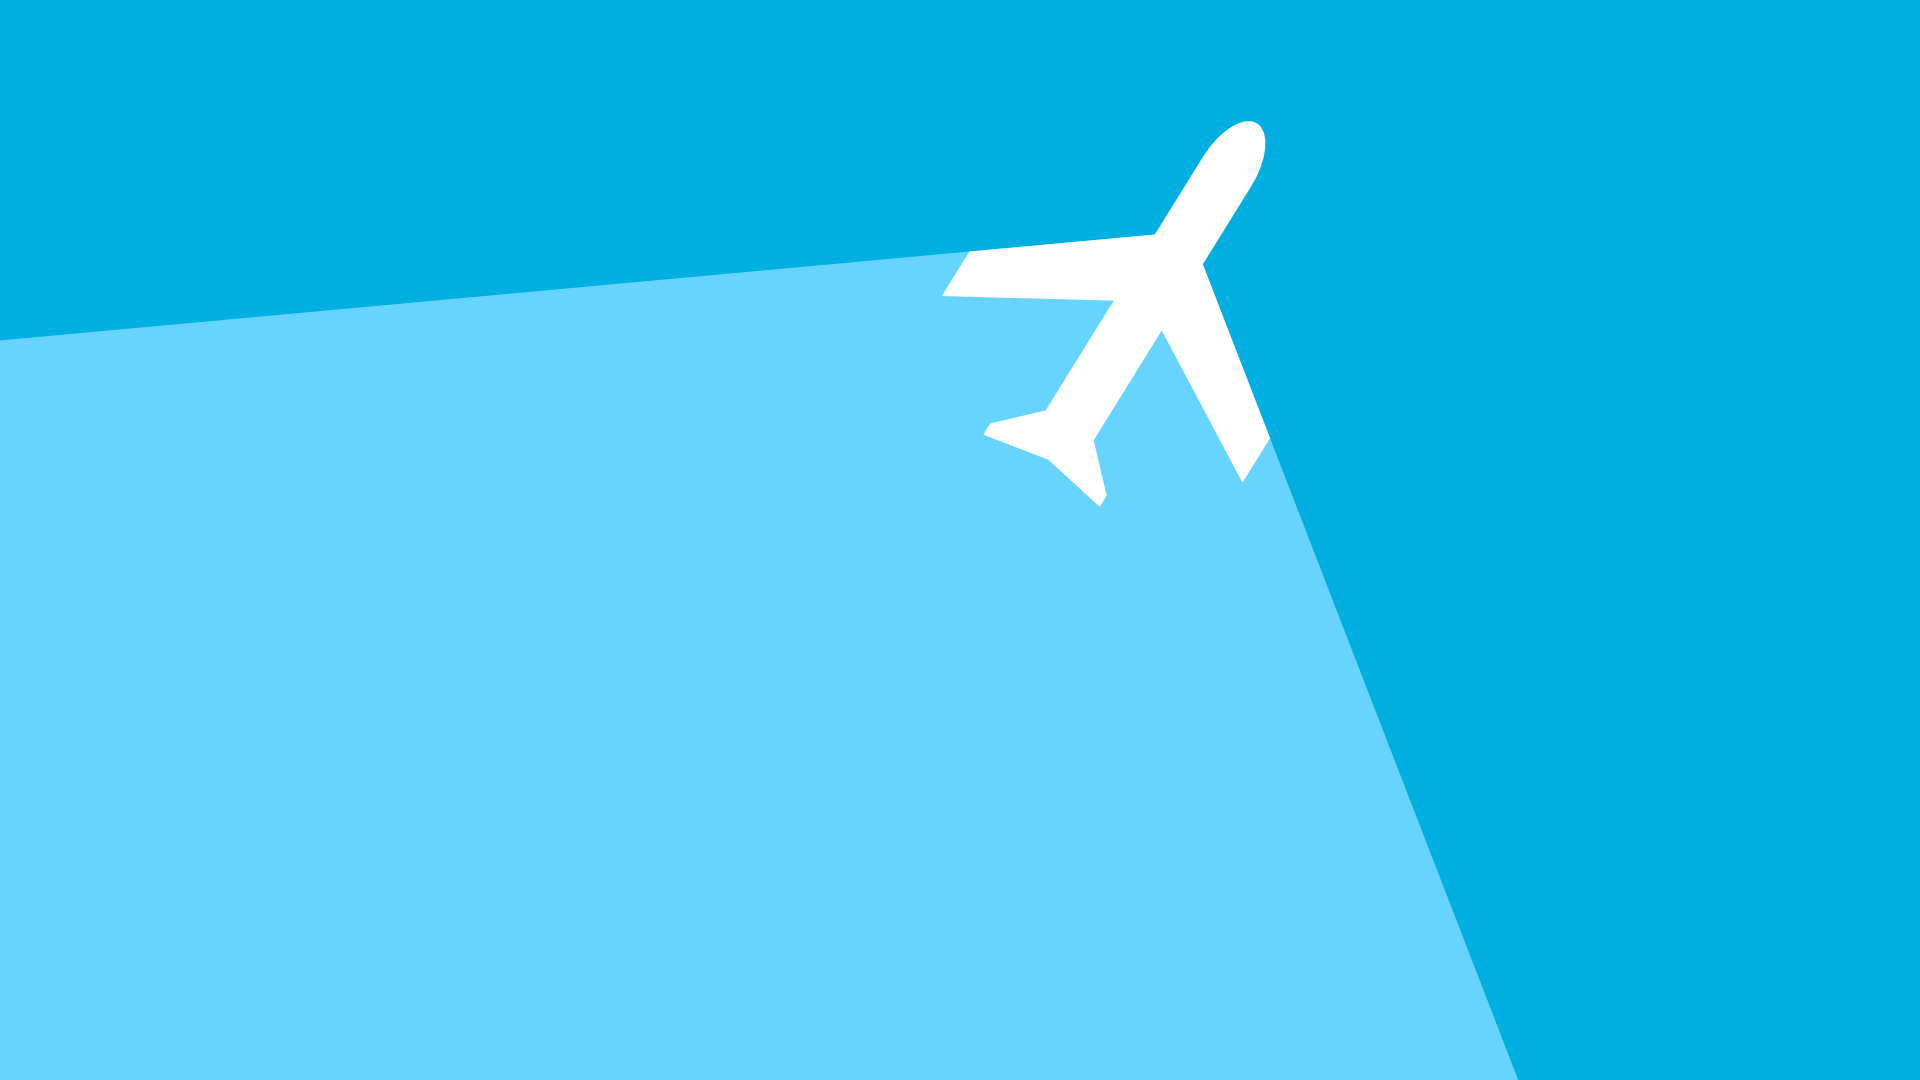 Как выжить в авиакатастрофе: 4 основных правила